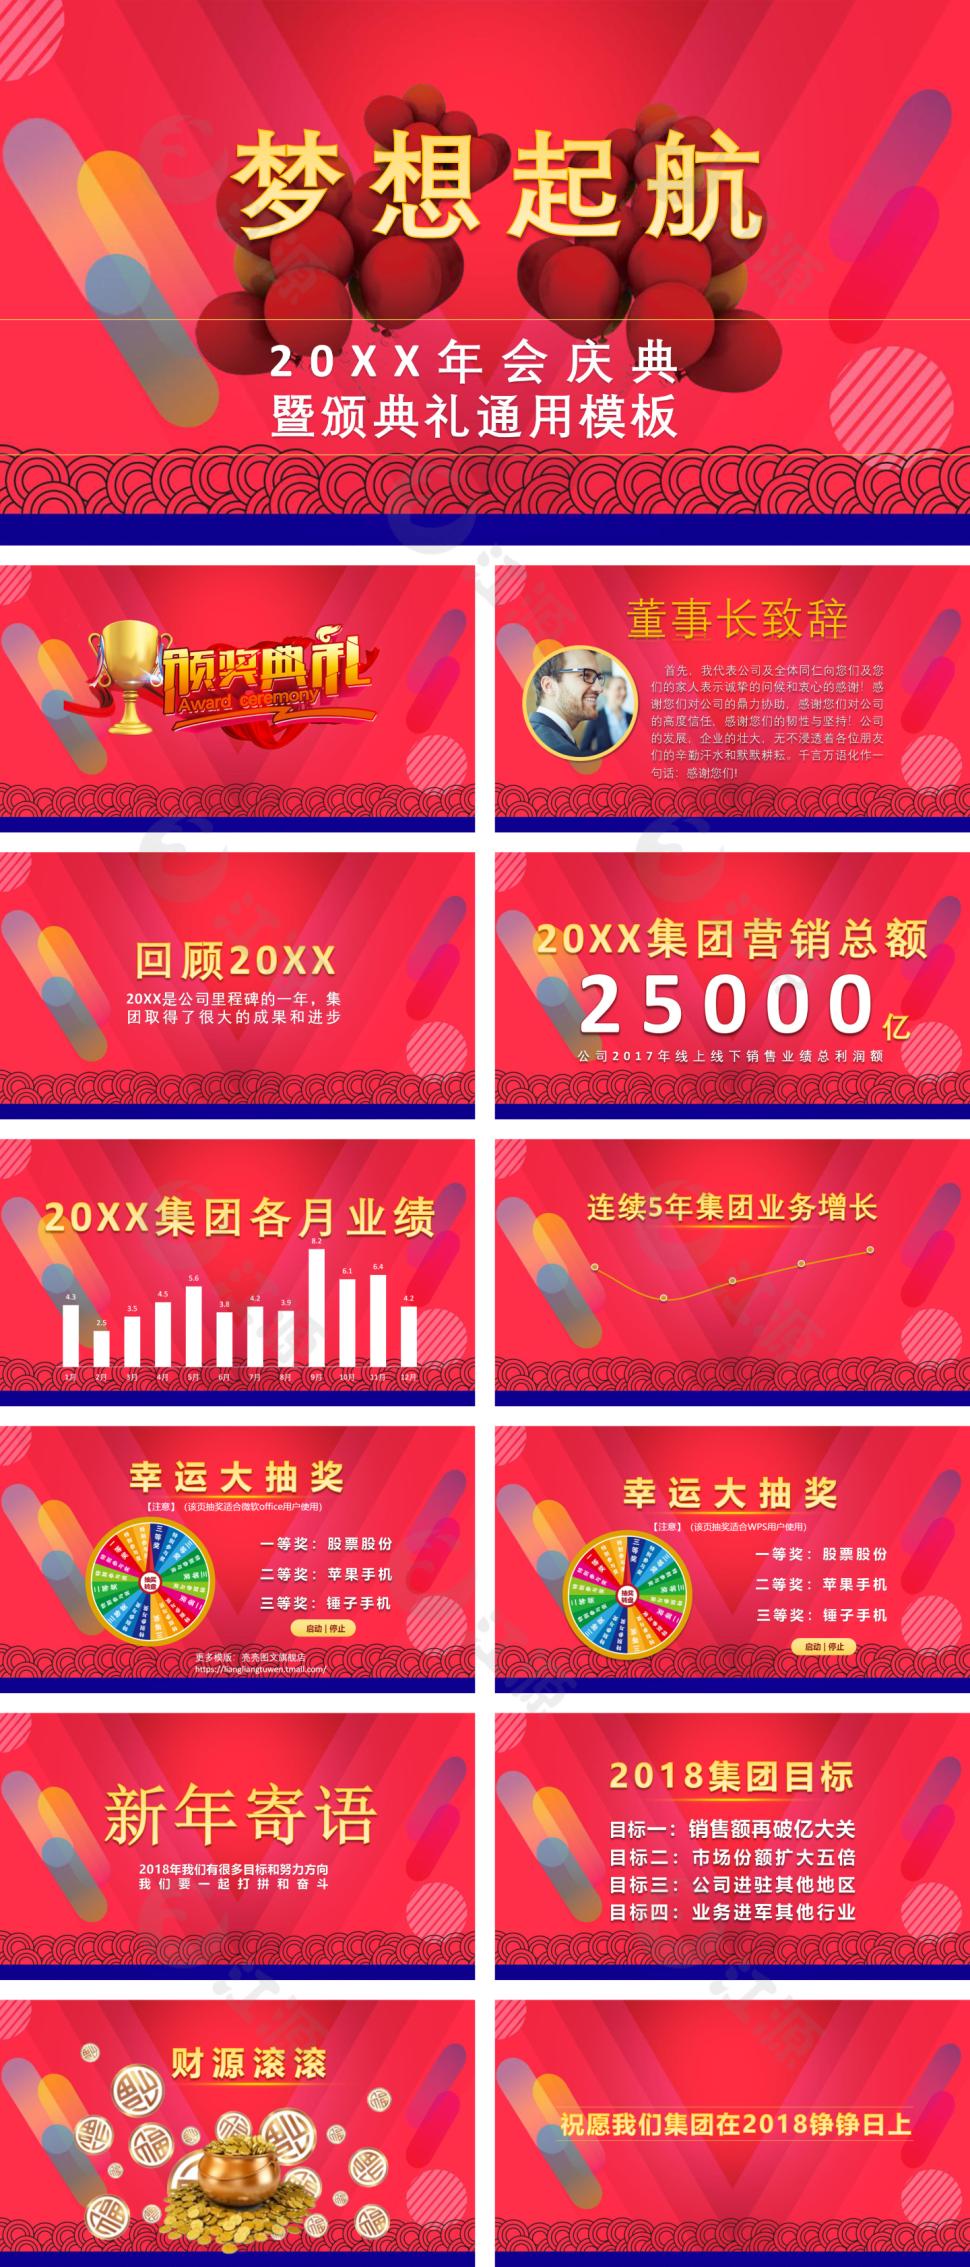 中国风红色节日庆典模板ppt